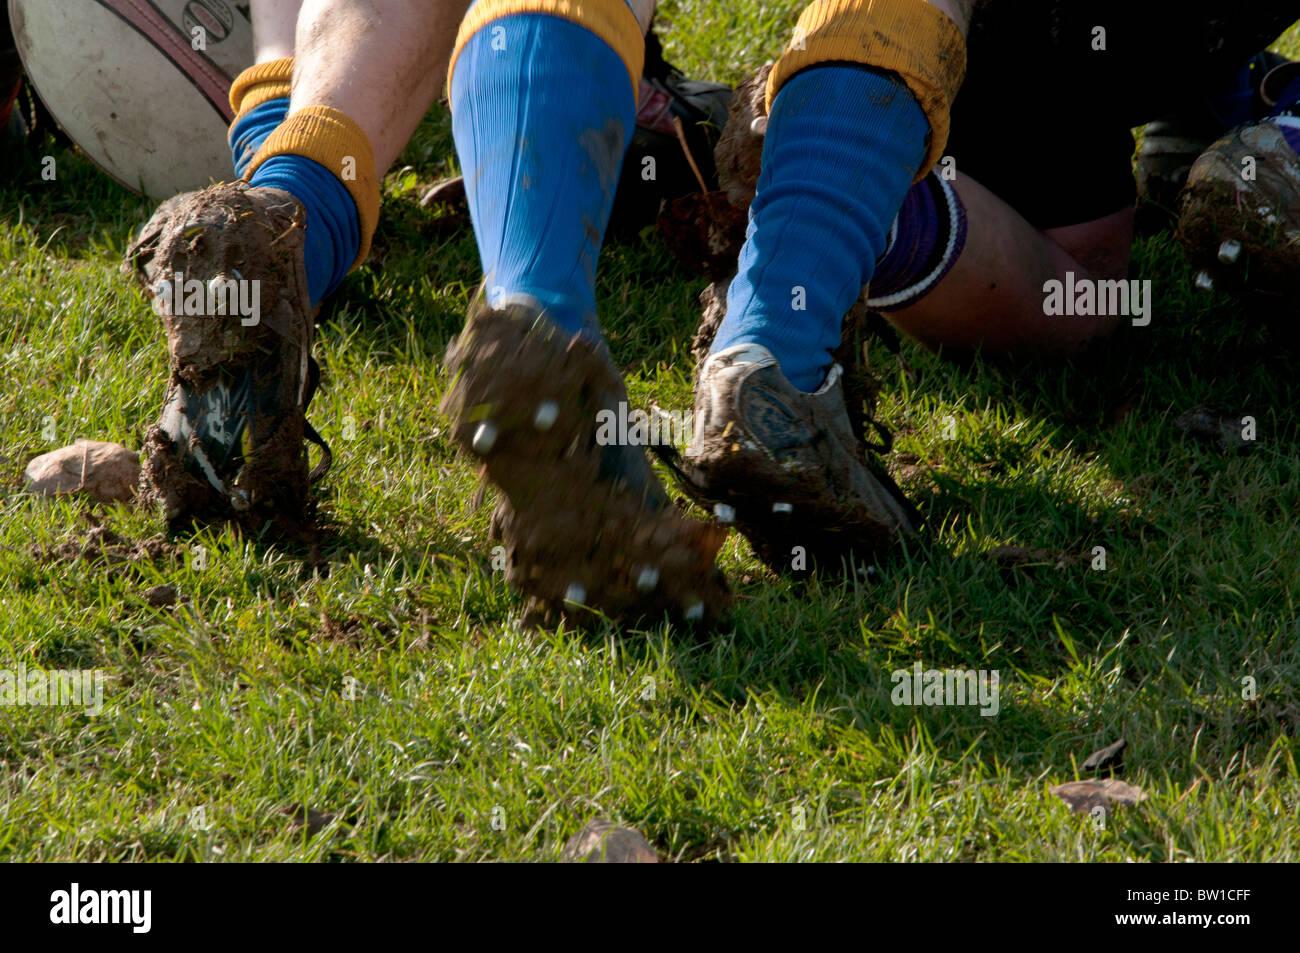 Los muchachos jugando al rugby en una pelea en un campo de juego al aire libre en otoño Imagen De Stock